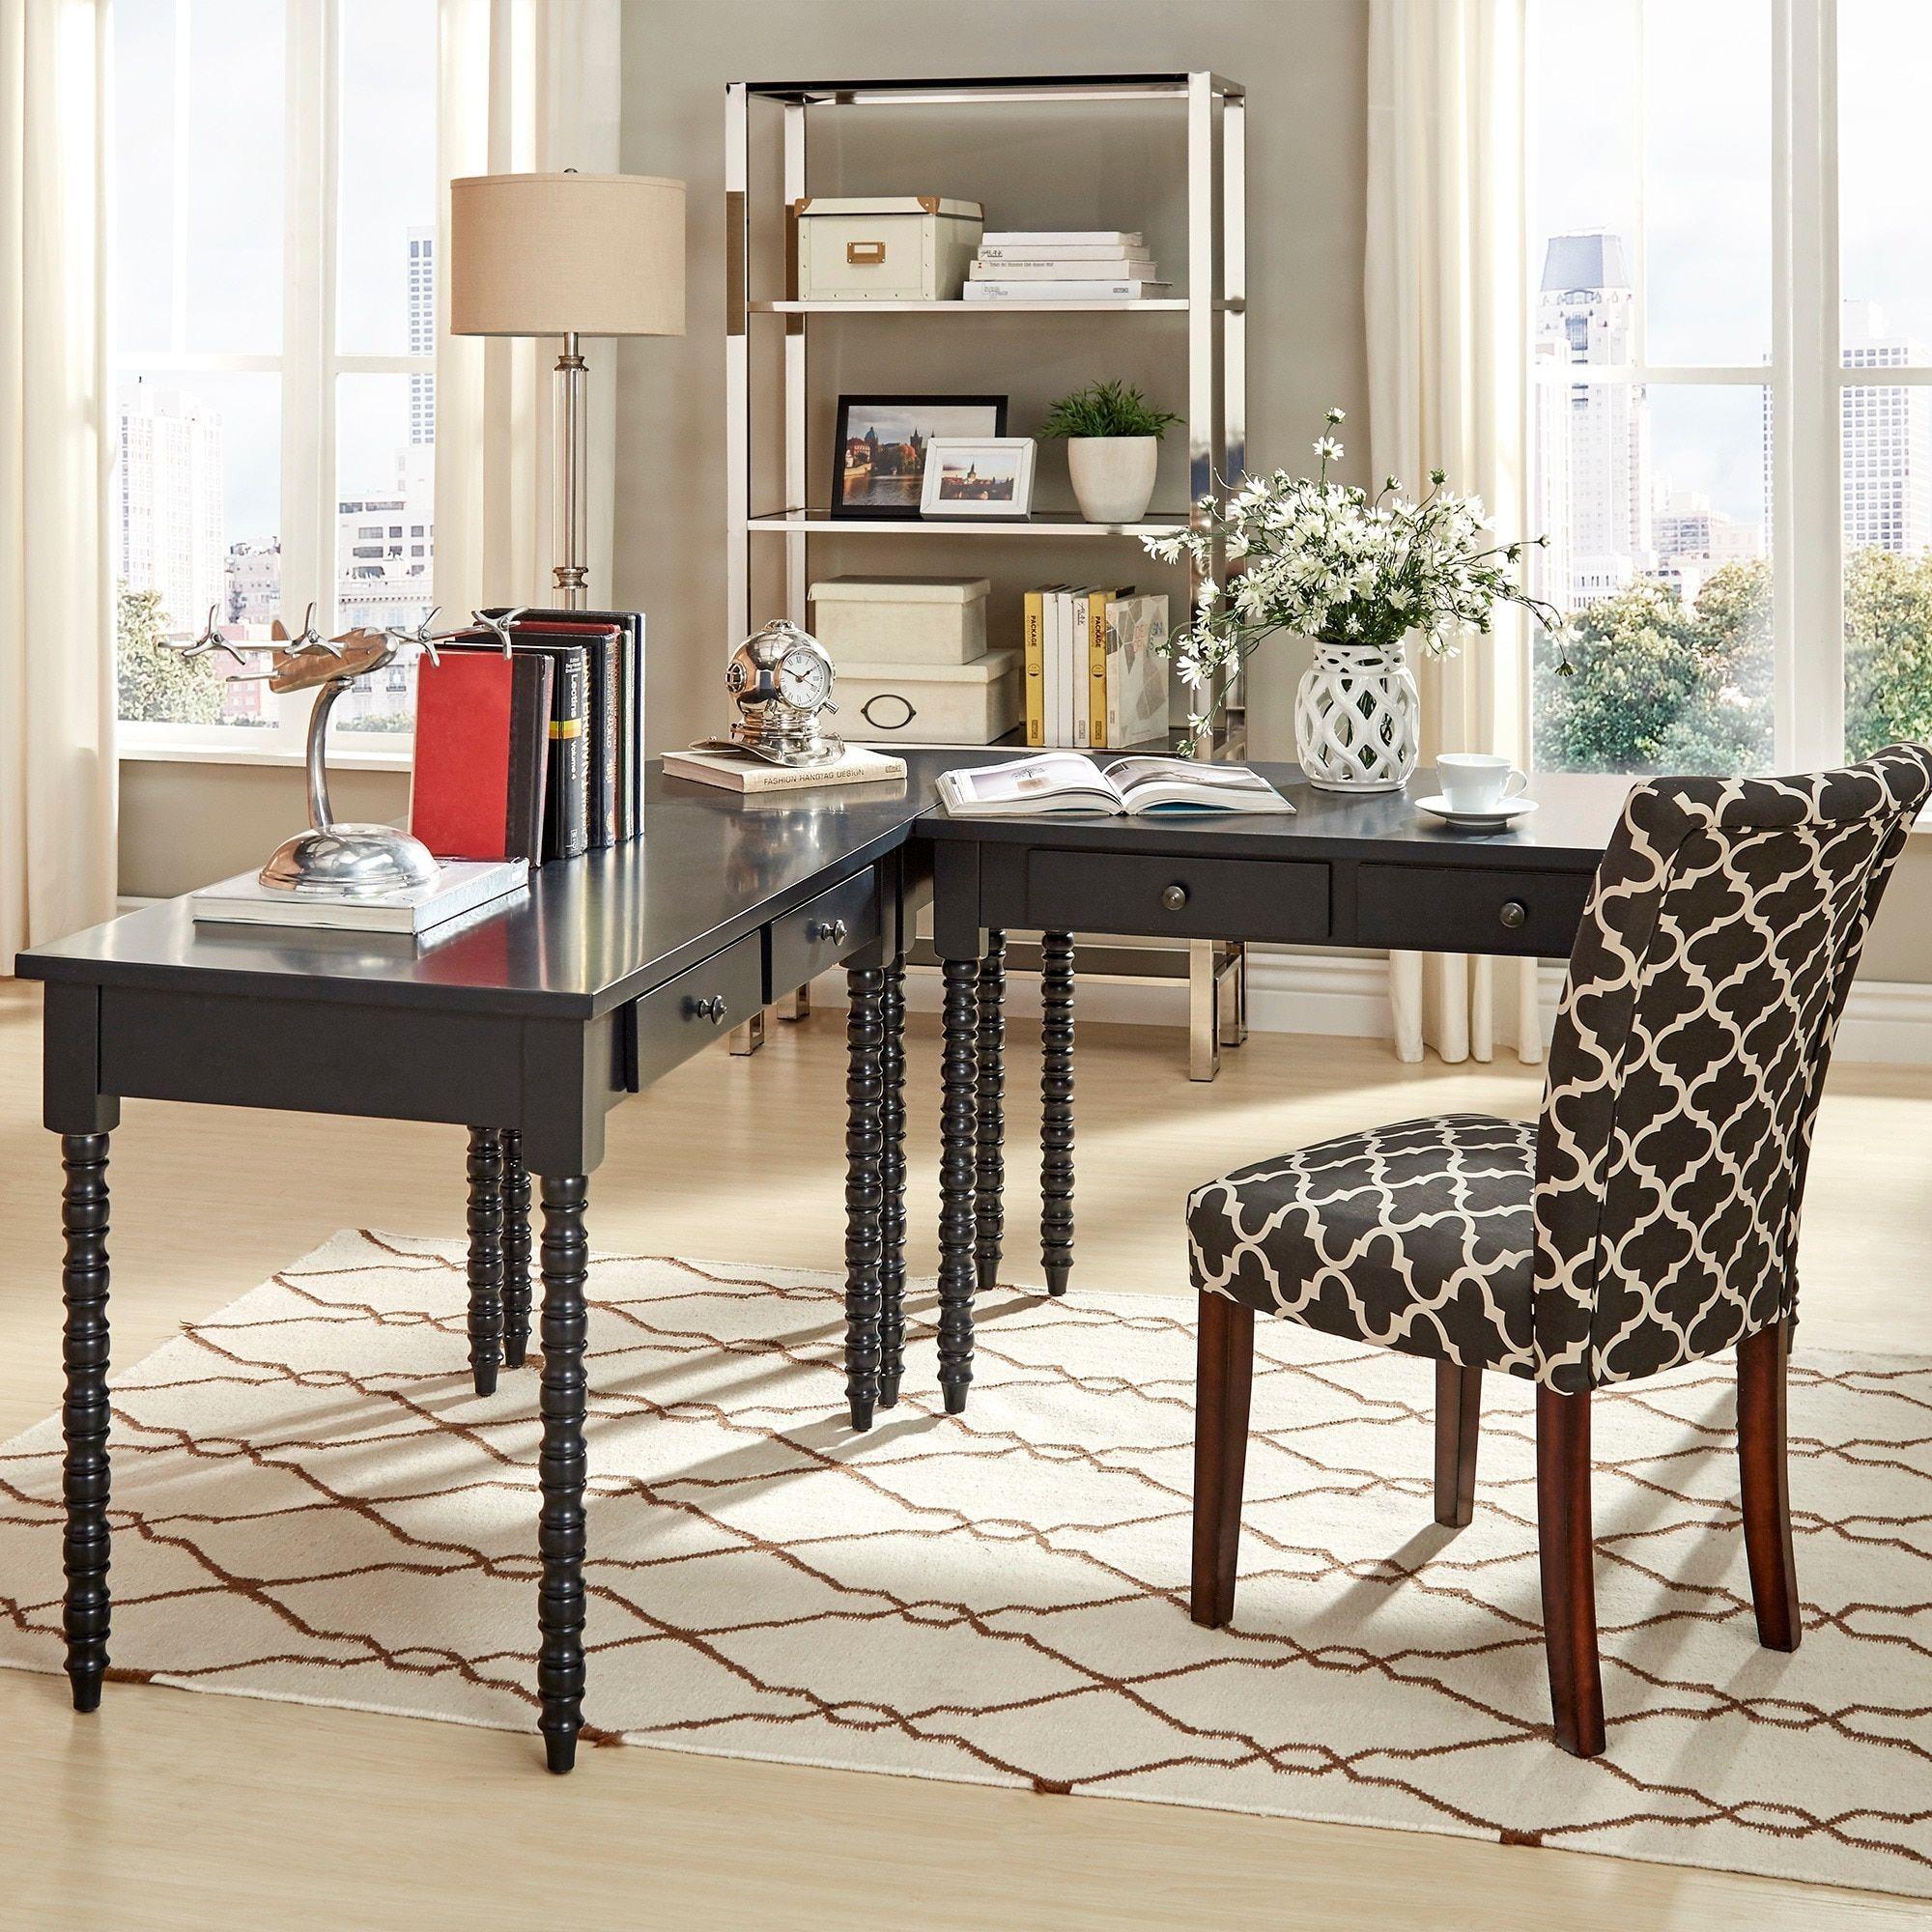 Lyndale L-Shaped Helix Legs Corner Office Desk by Inspire Q